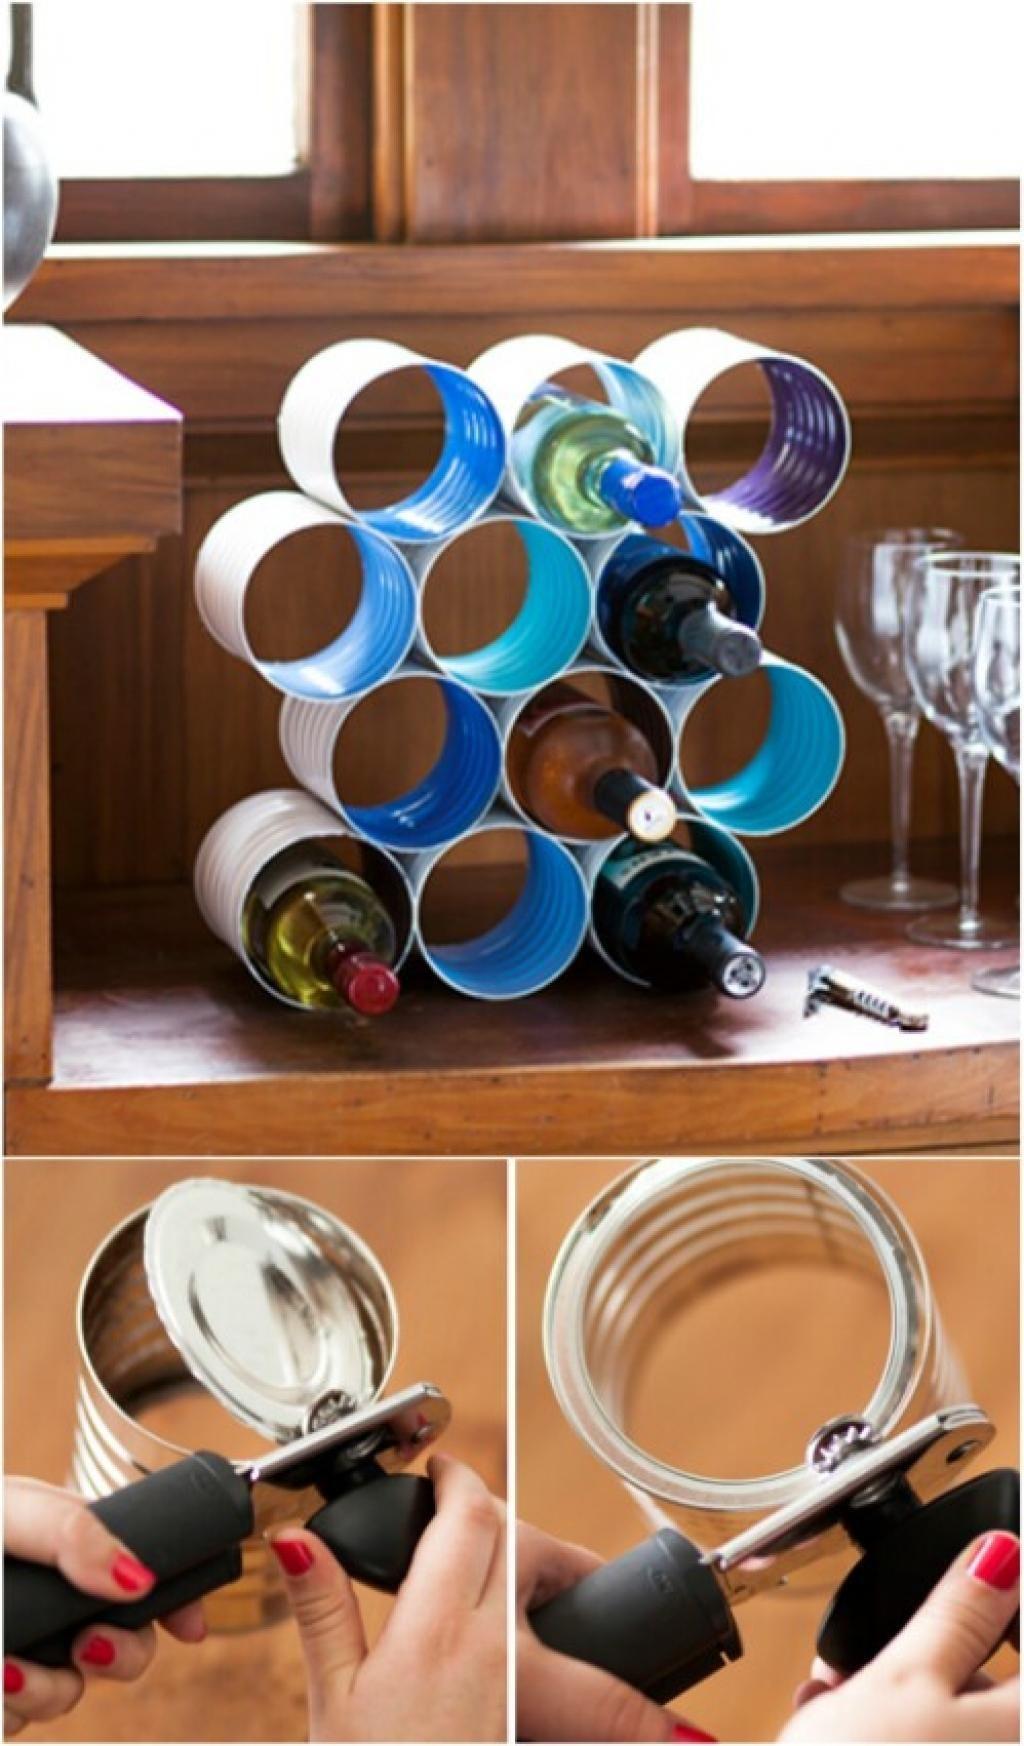 Voyez Tout Ce Que Vous Pouvez Faire En Recyclant Vos Conserves Le 3 Et Le 9 Sont Epatants Range Bouteille Casier A Bouteille Casier Range Bouteille